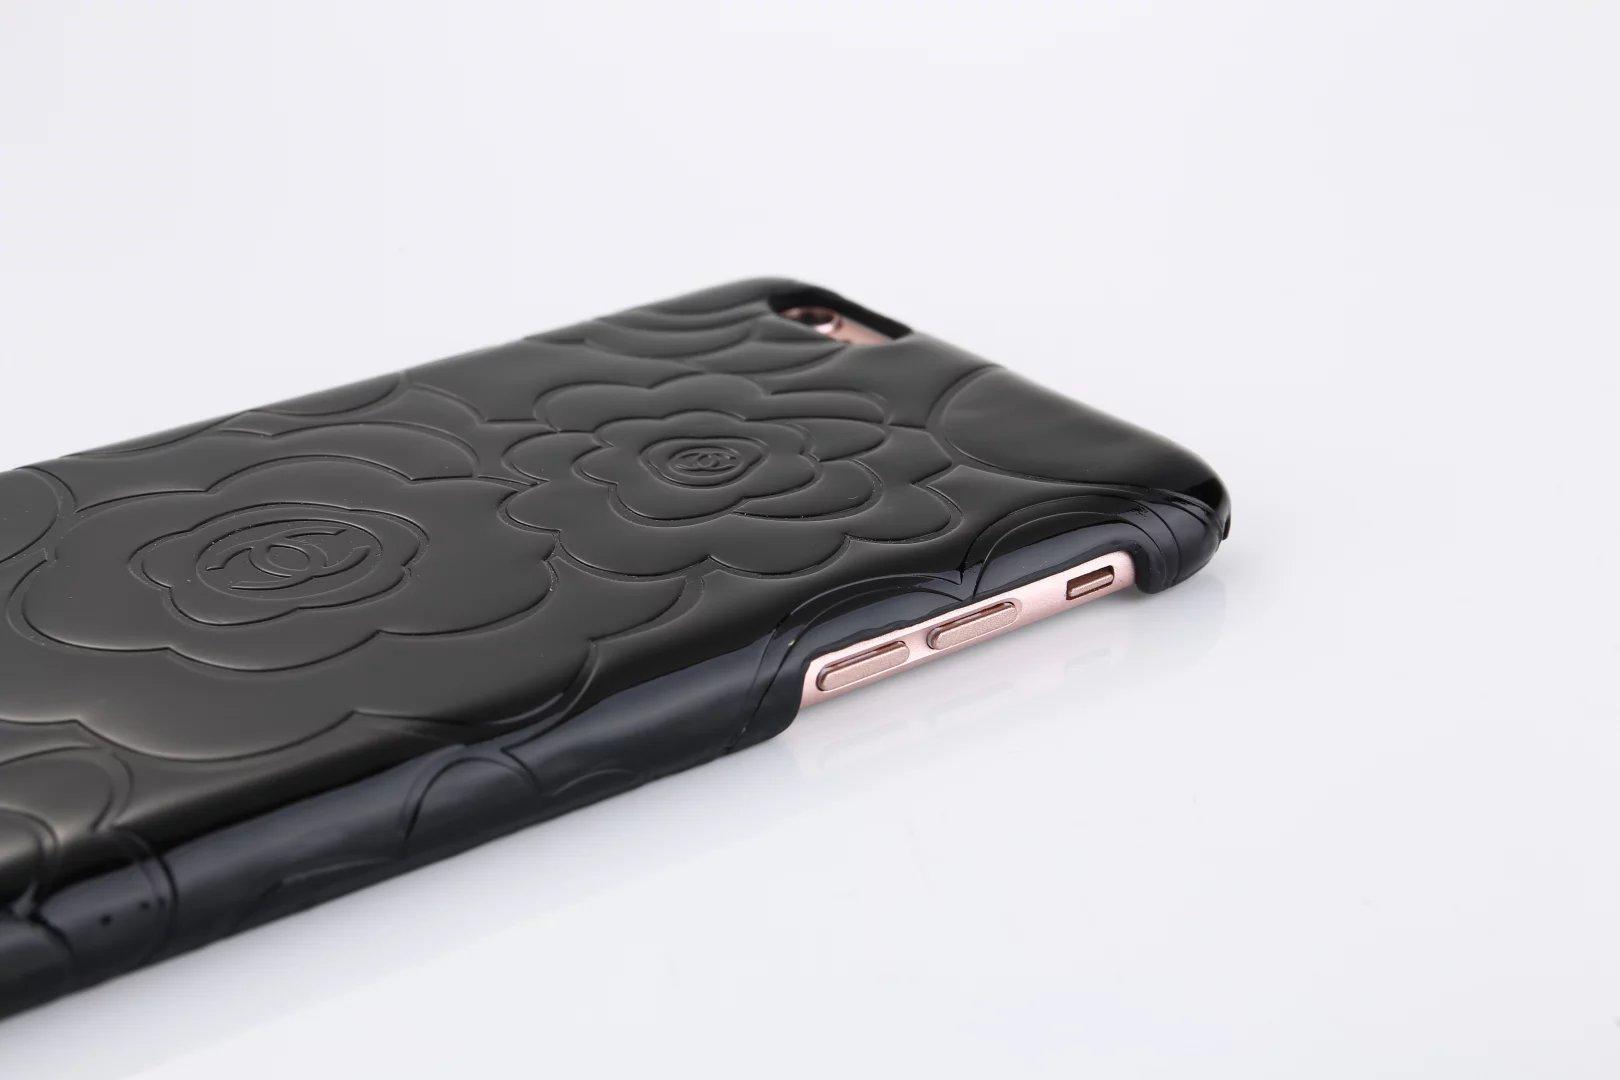 iphone case mit foto handy hülle iphone Chanel iphone7 hülle samsung galaxy oder iphone iphone 6 chip billige handyhüllen iphone 7 schutzhülle 7lbst gestalten iphone 7 c hülle iphone 7 hülle mit kreditkartenfach